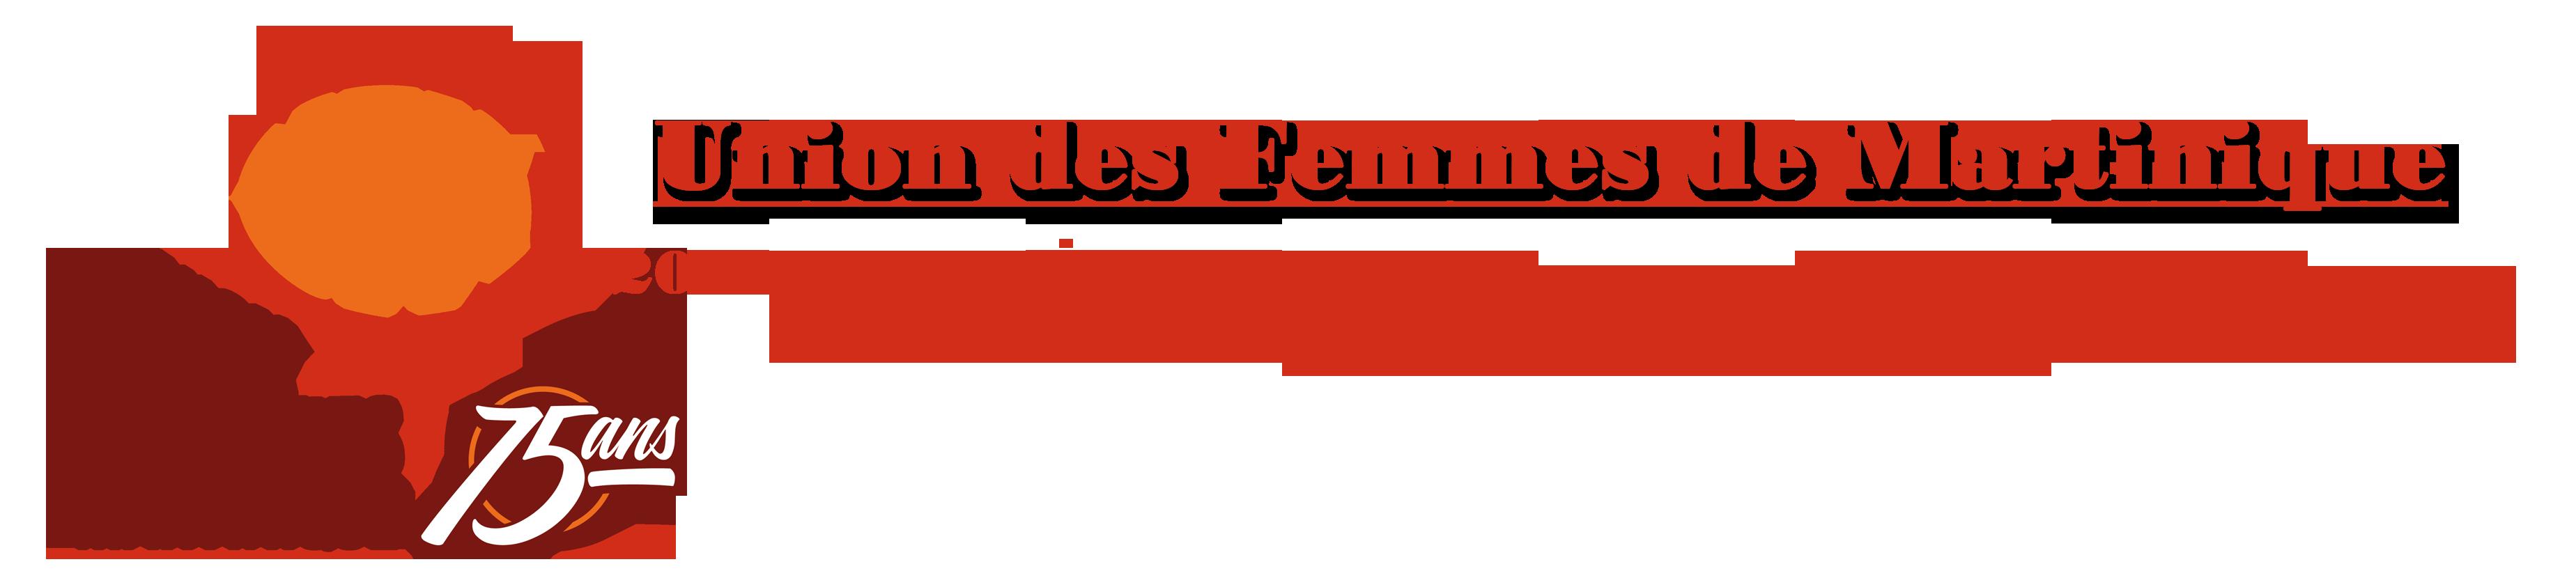 Entete 2019 - nouveau logo